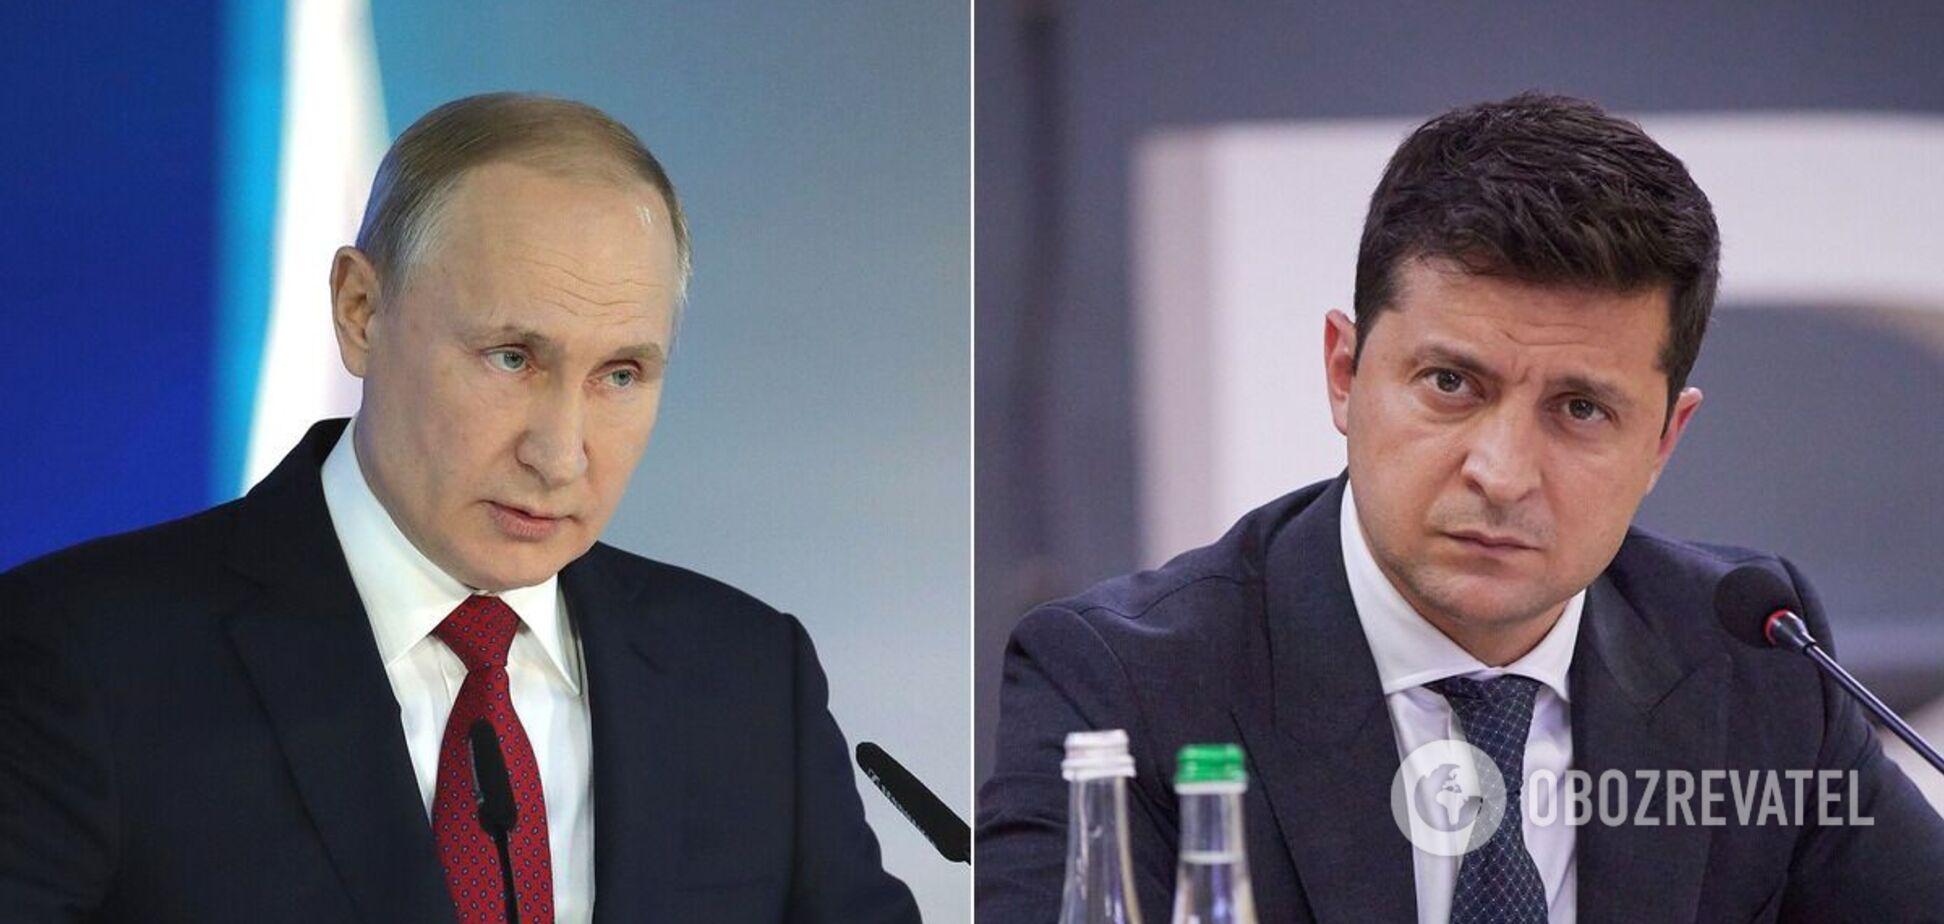 Володимир Путін і Володимир Зеленський